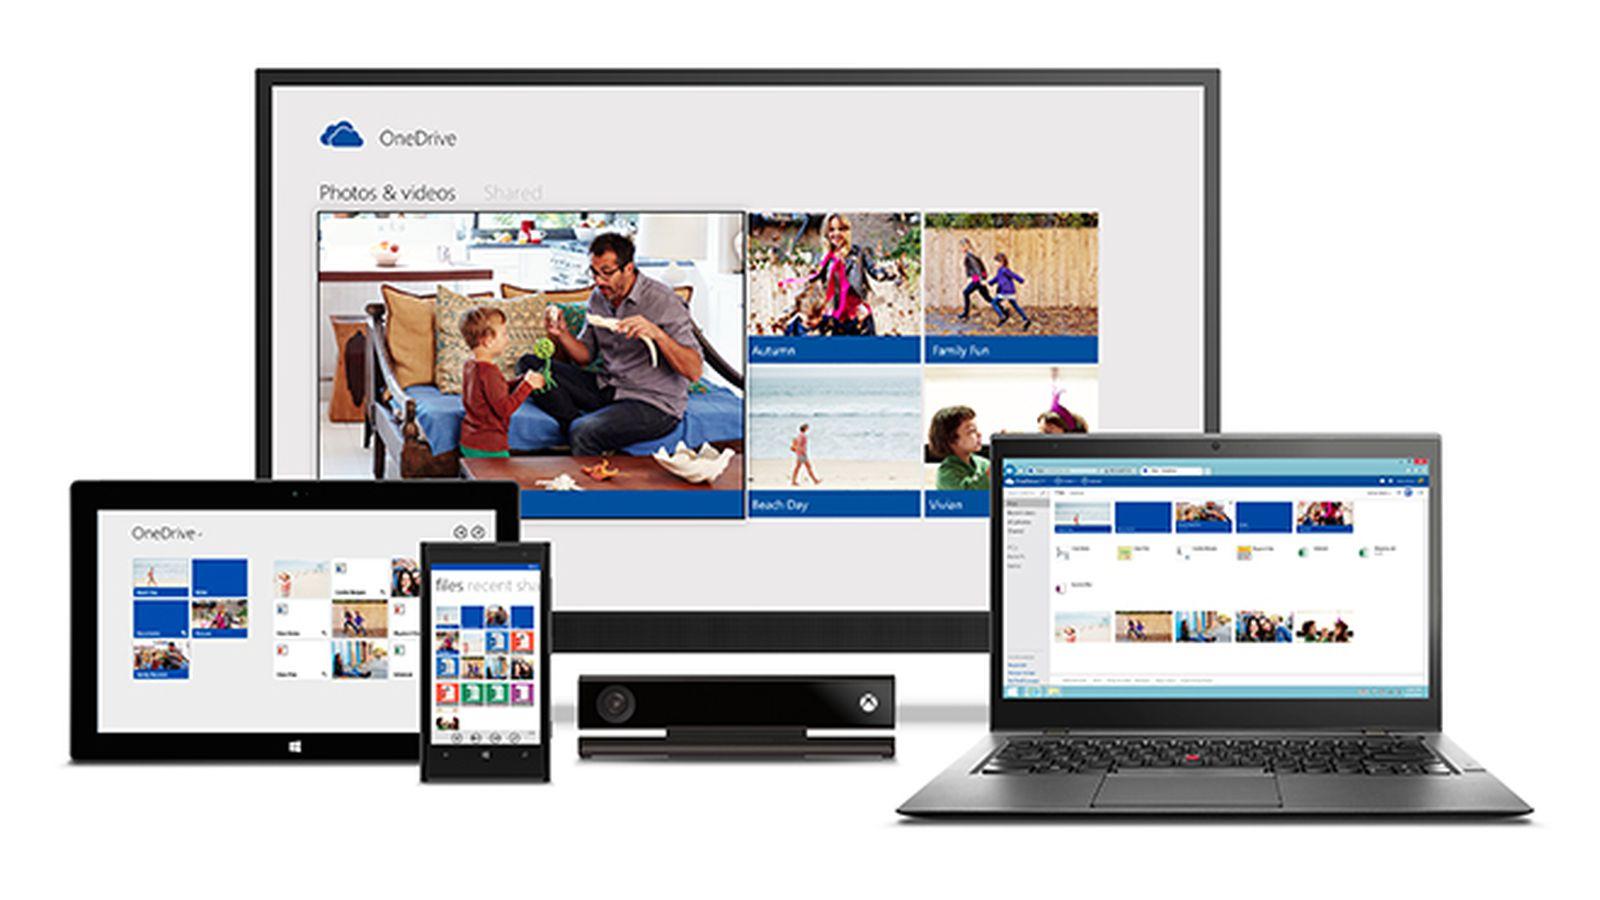 שירות OneDrive. משתמשים חינמיים נפגעים